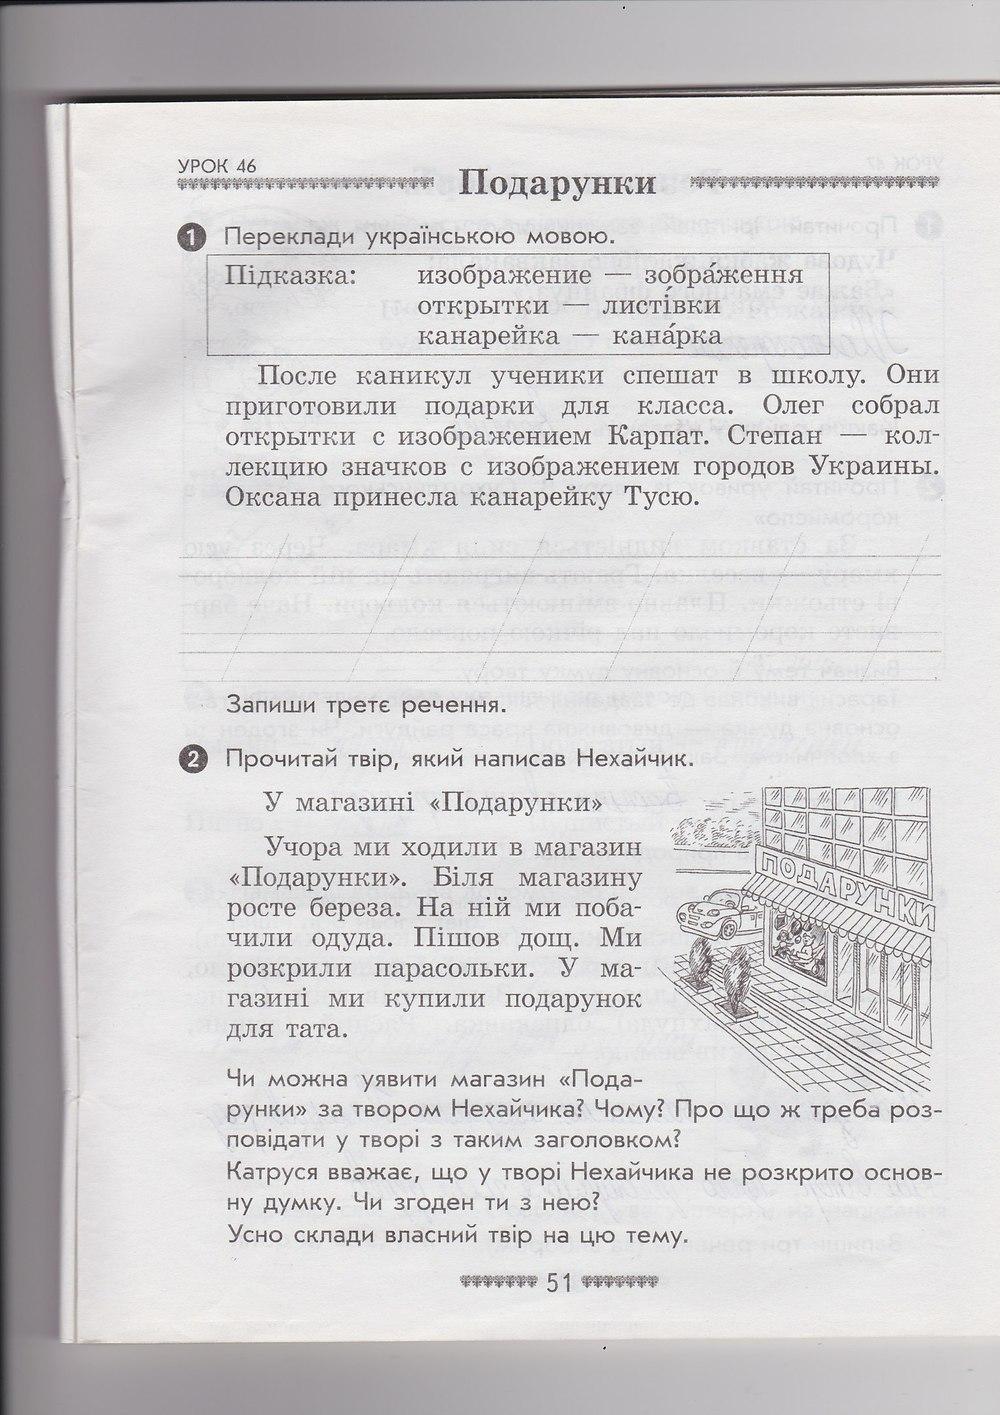 ГДЗ відповіді робочий зошит по рiдна/укр. мова 2 класс Кобзар О. Г.. Задание: стр. 51